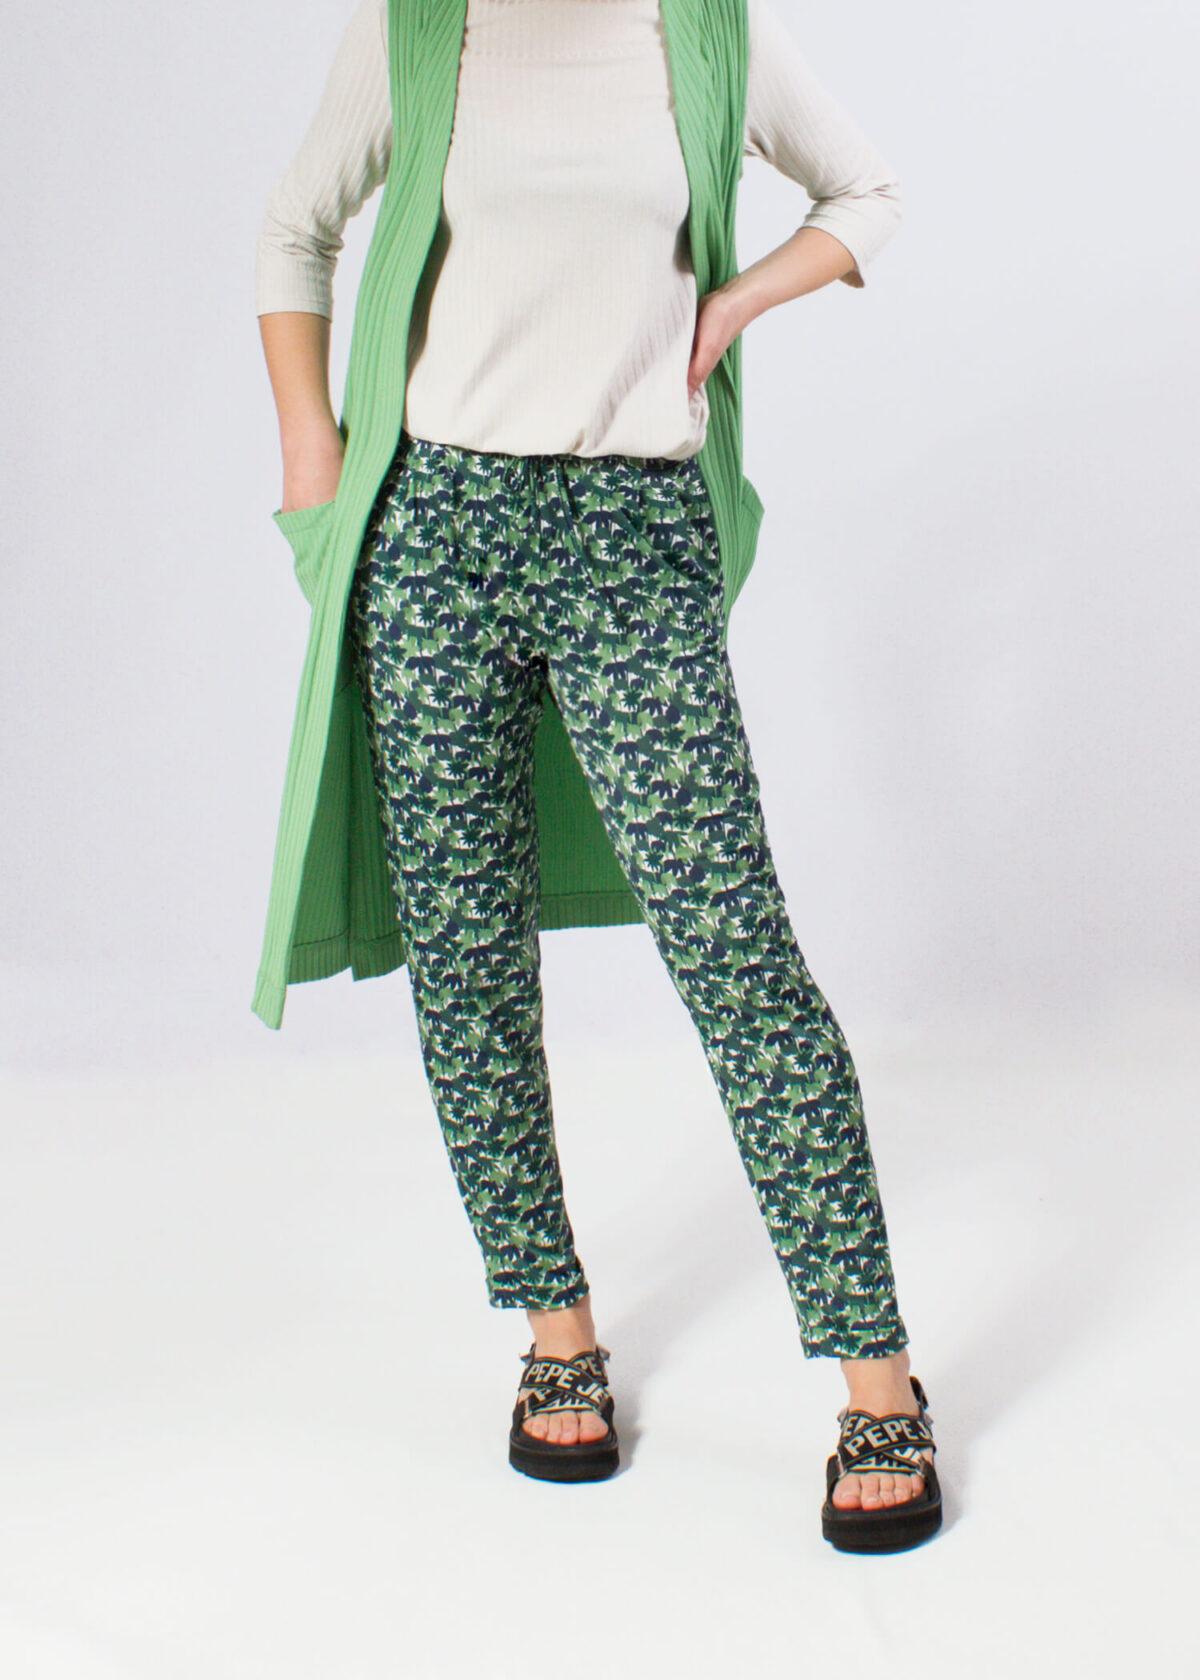 pantalon-mujer-punto-seda-arboles-verde-parole-italy-lopezientos